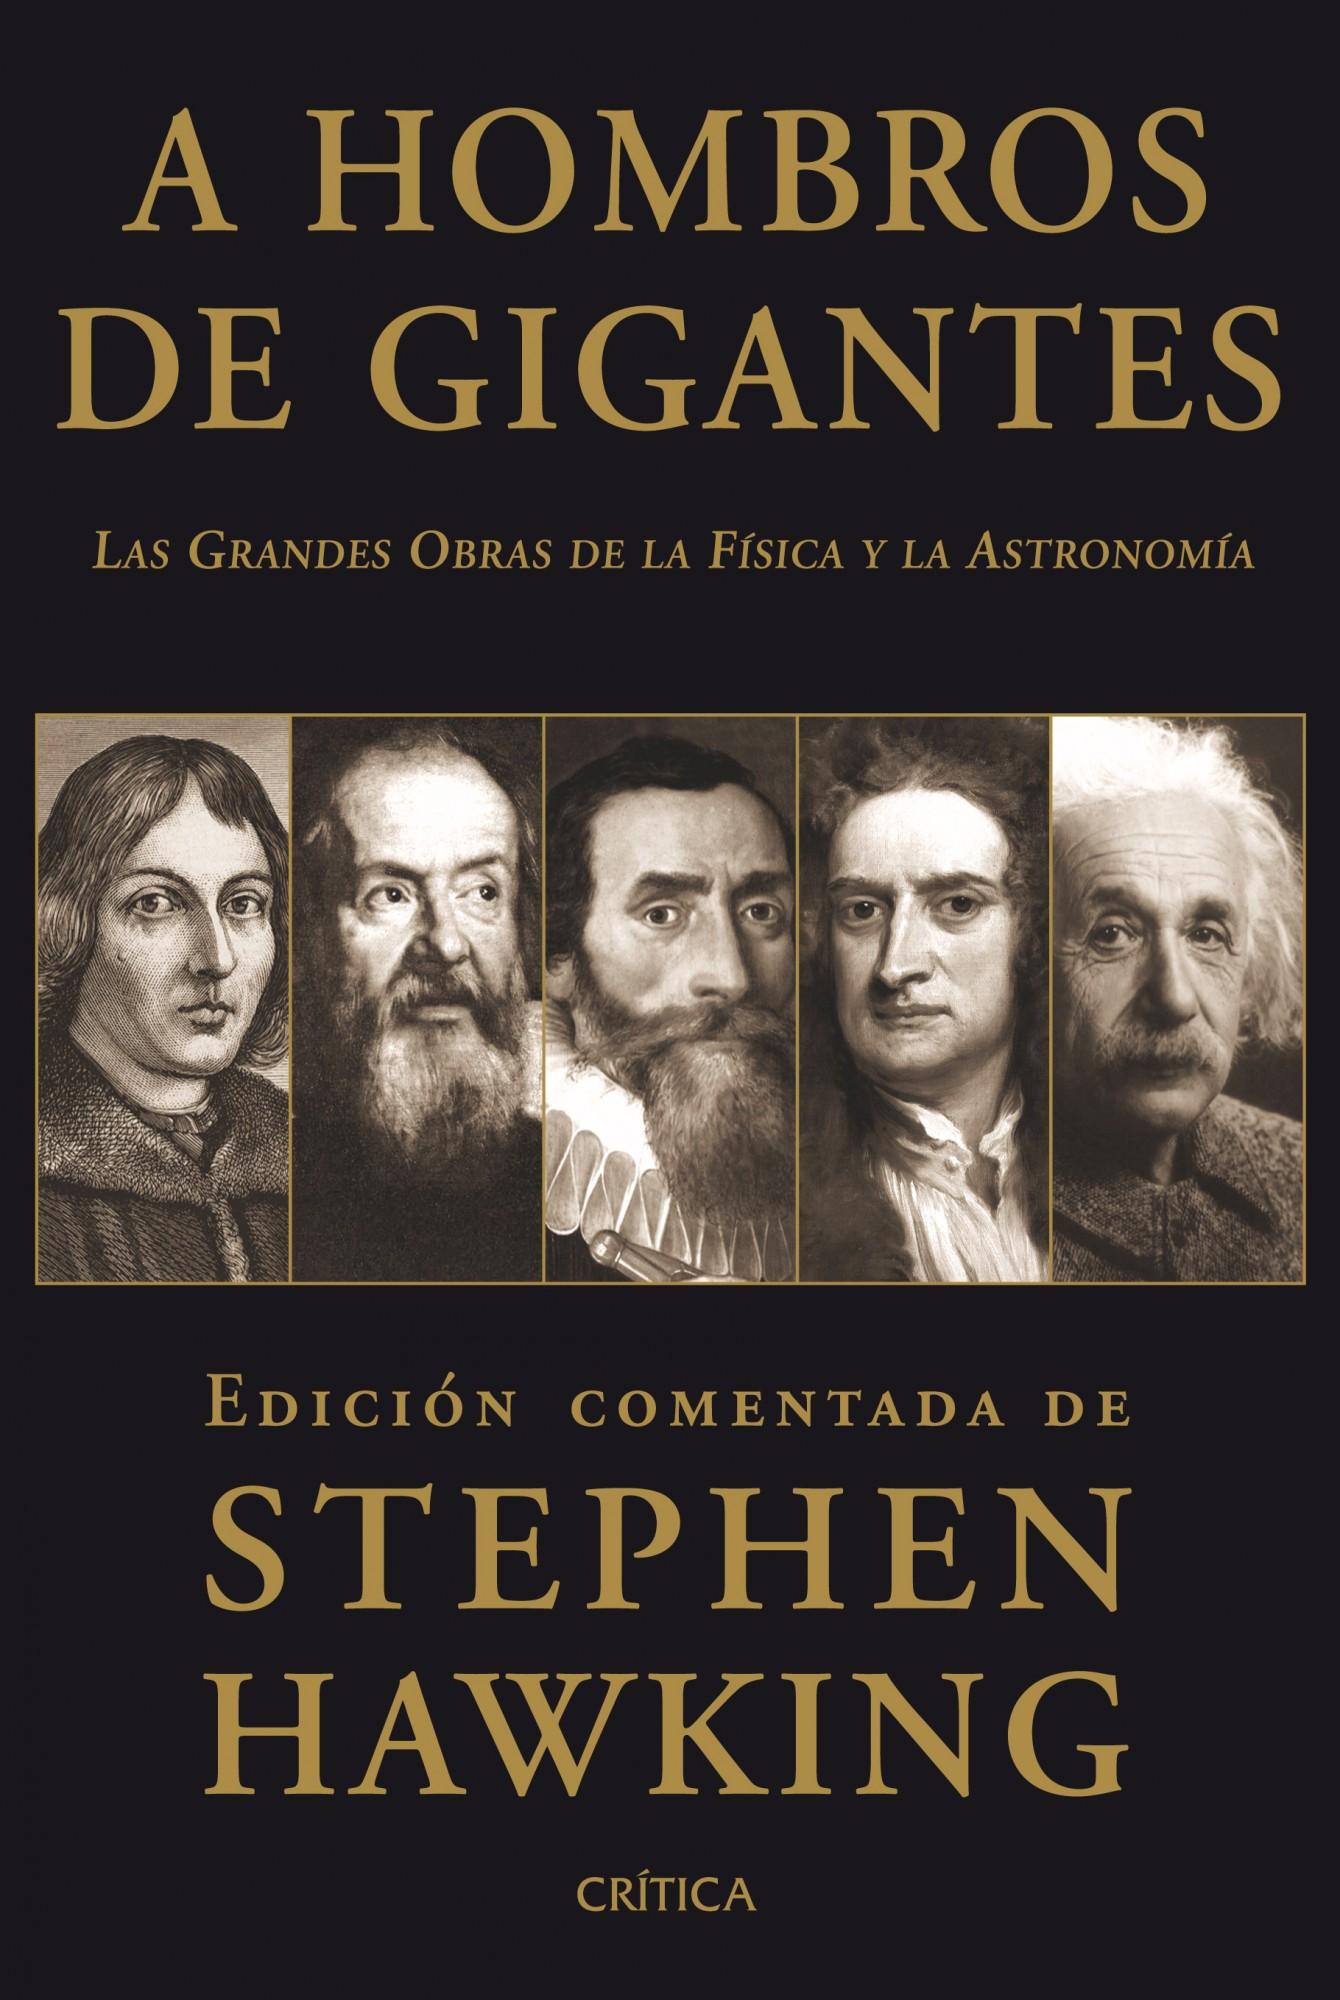 A Hombros De Gigantes: Las Grandes Obras De La Fisica Y La Astron Omia